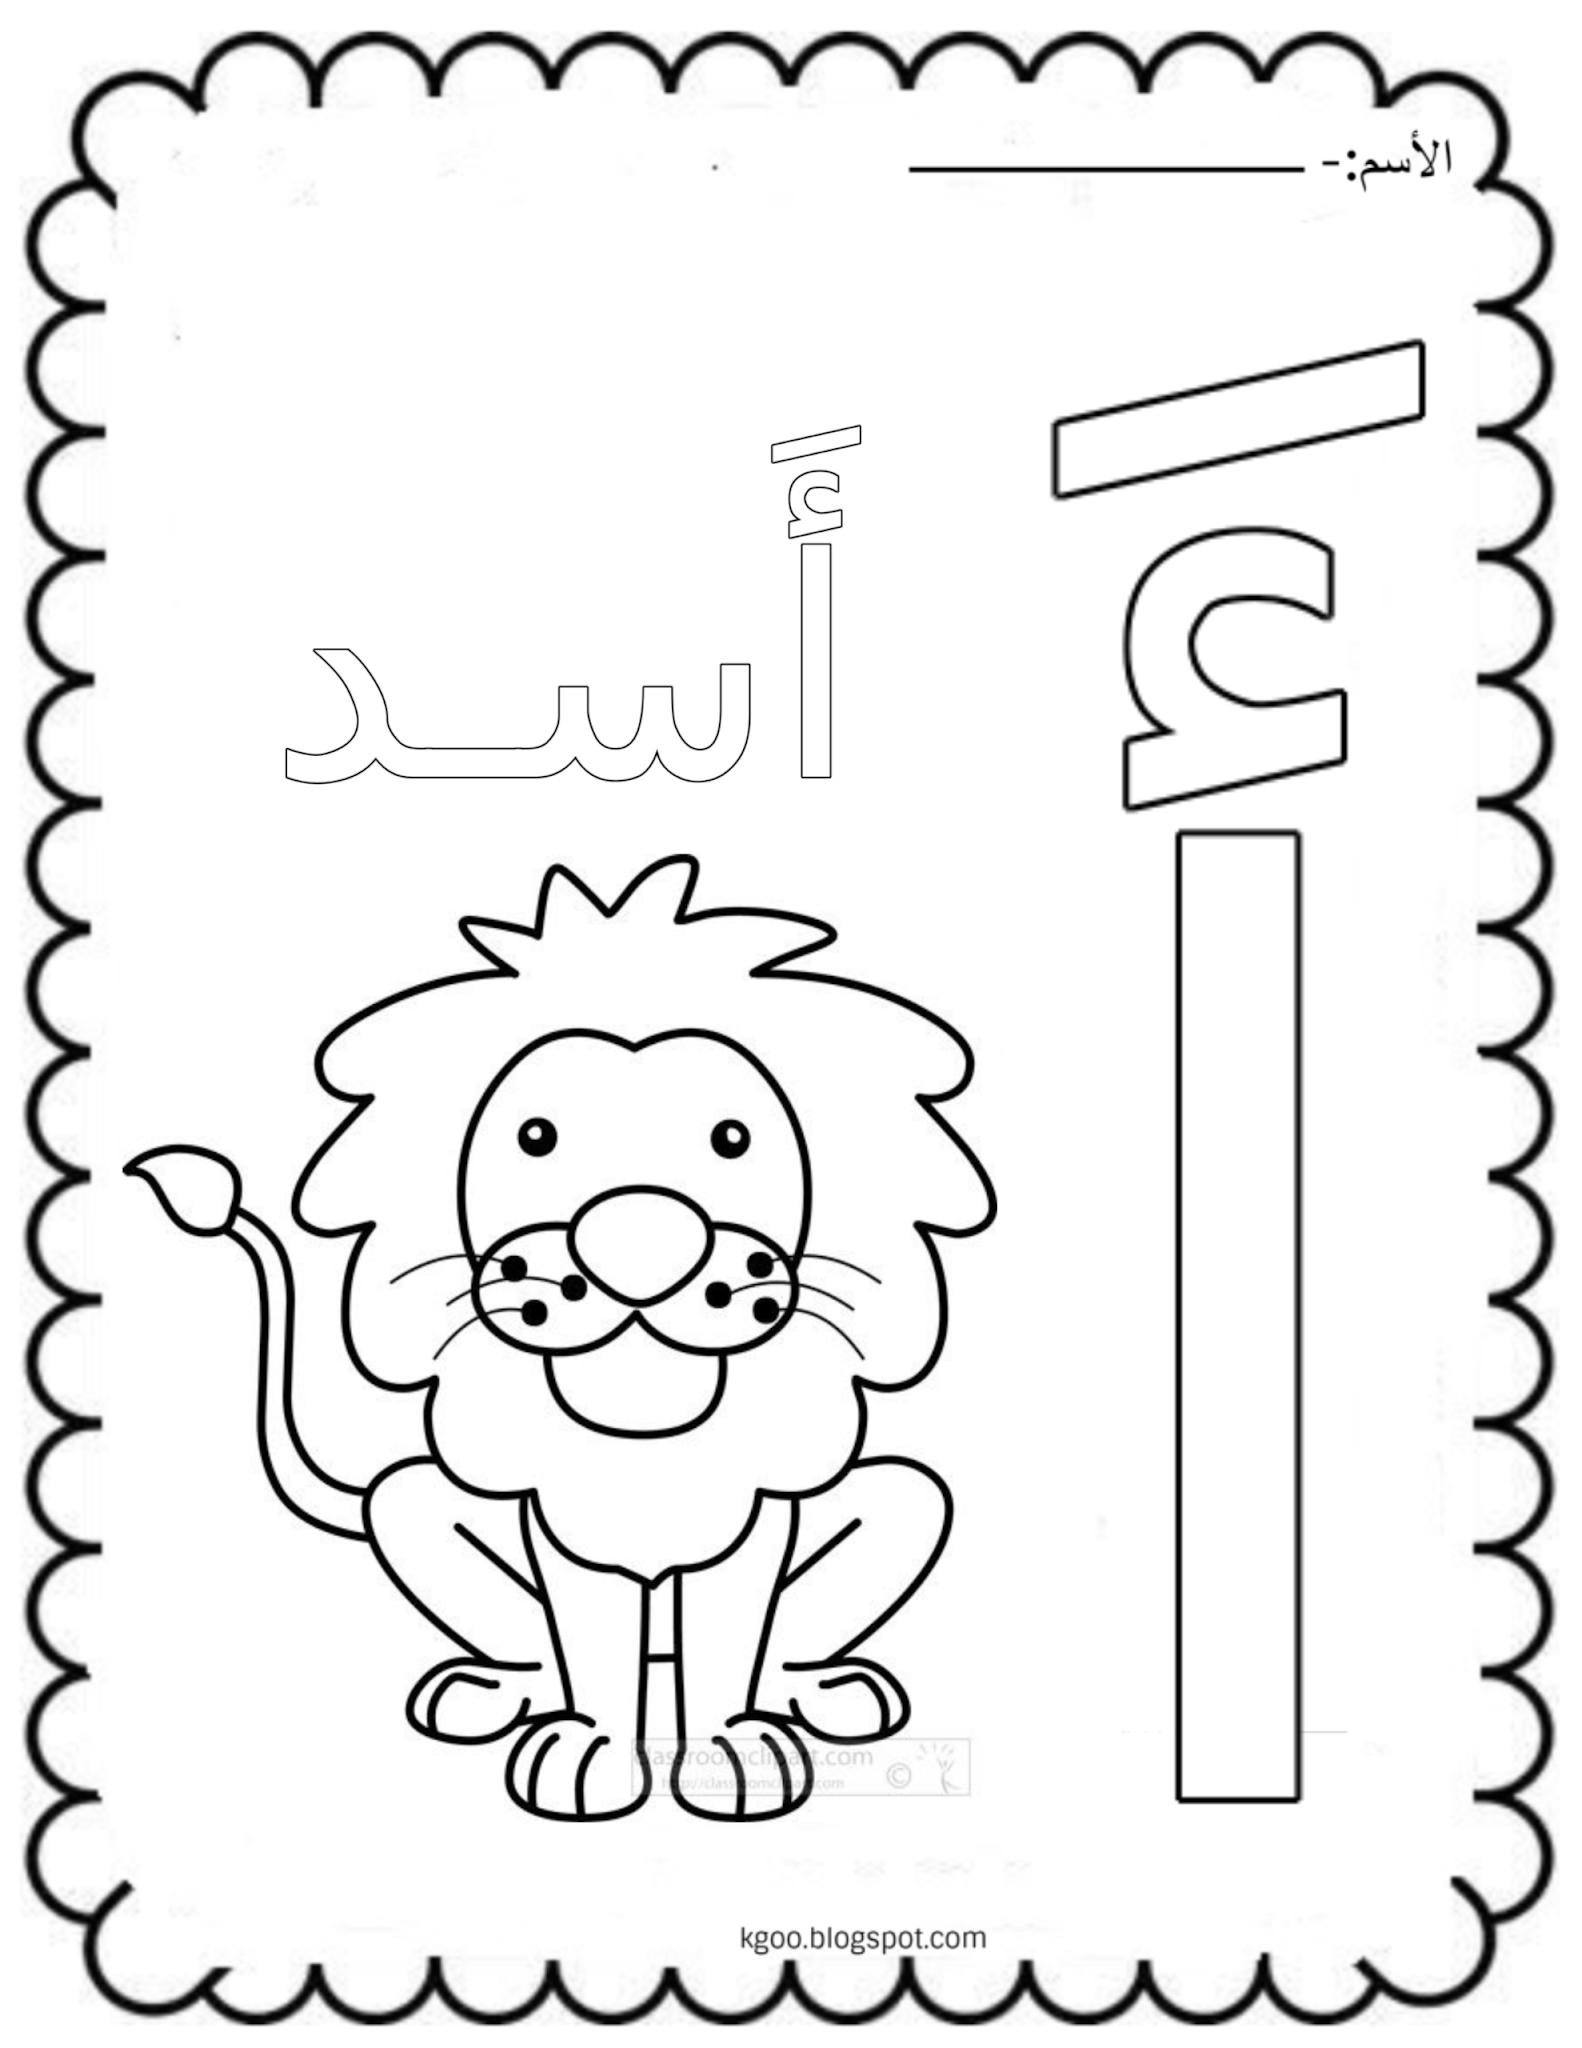 اوراق عمل حرف الألف لرياض الاطفال حروف الهجاء Pdf مميزة